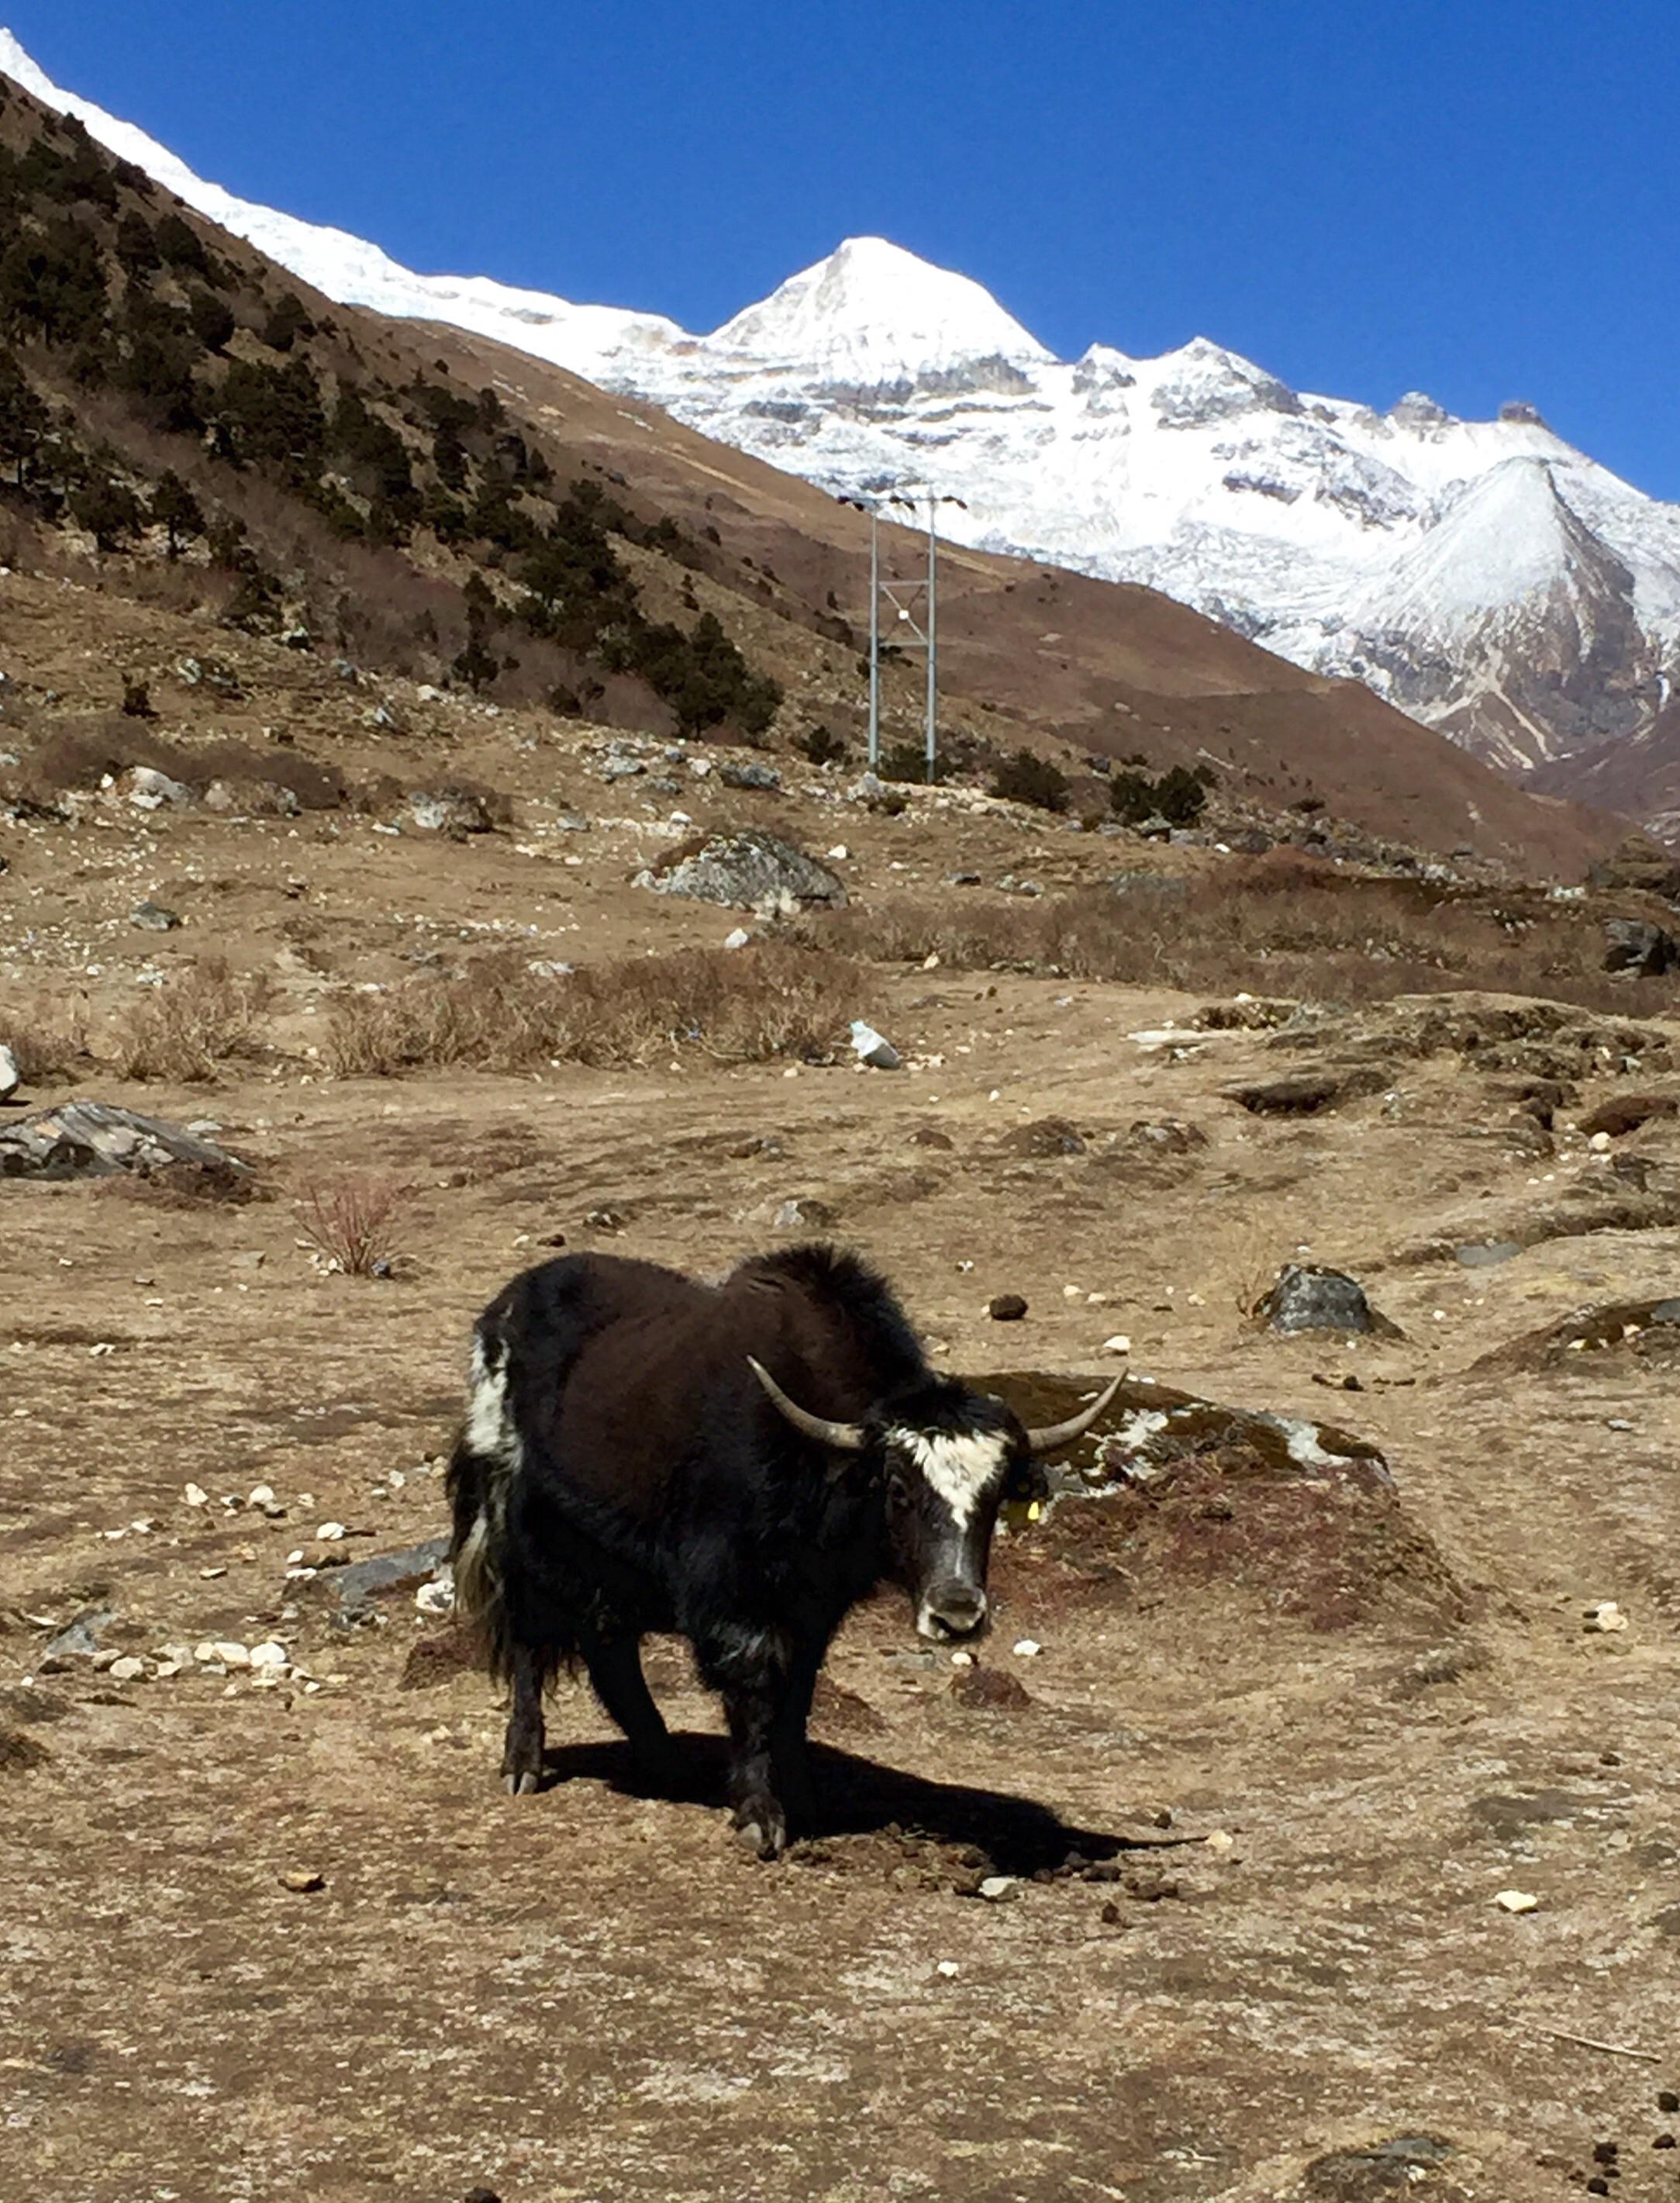 Yak Bhutan Himalaya